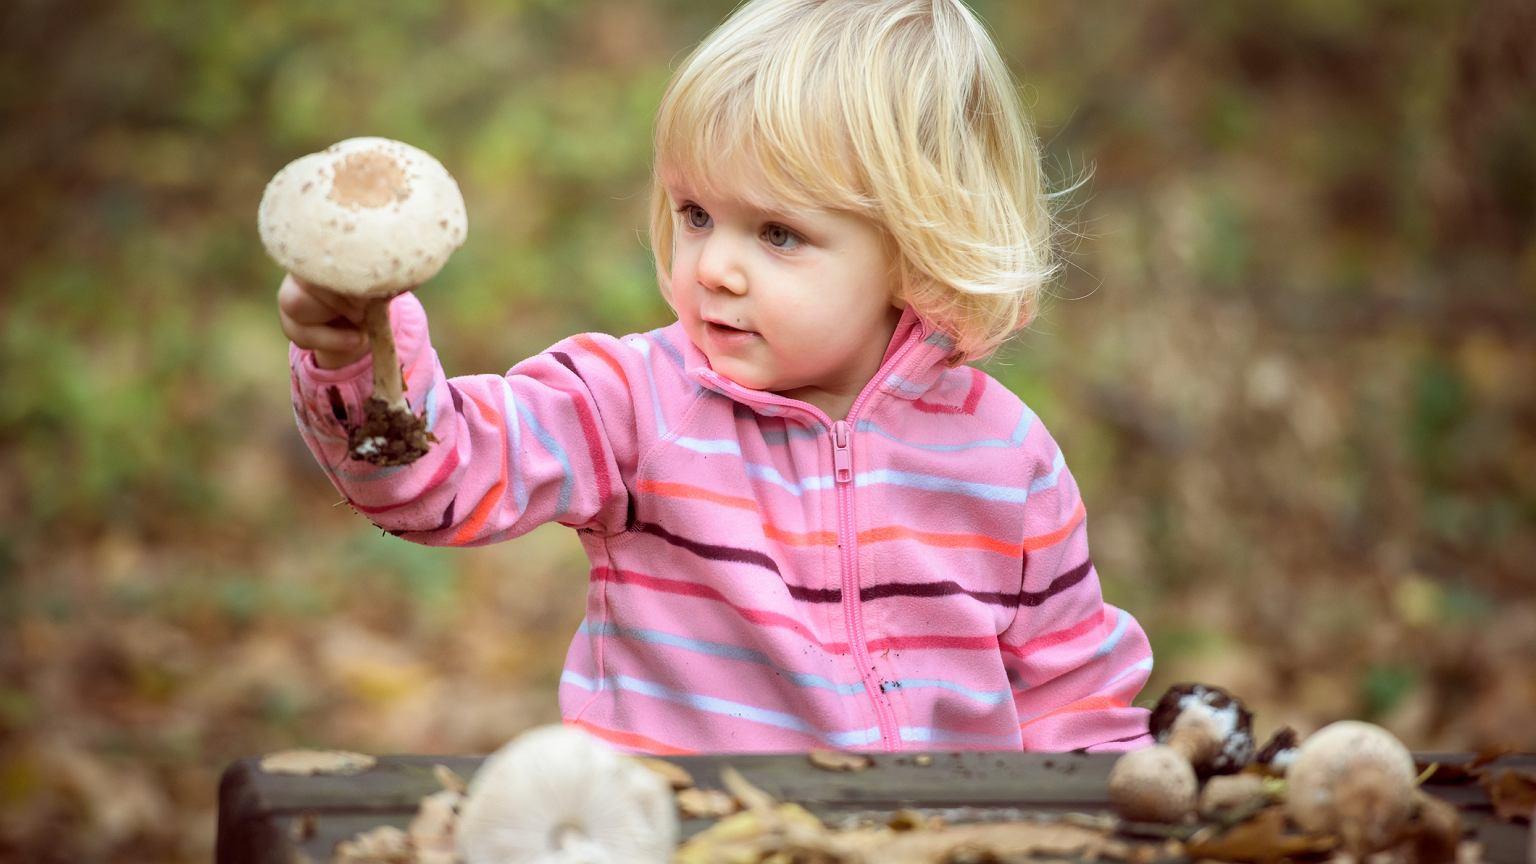 Od Kiedy Dzieci Mogą Jeść Grzyby Wielu Rodziców Popełnia